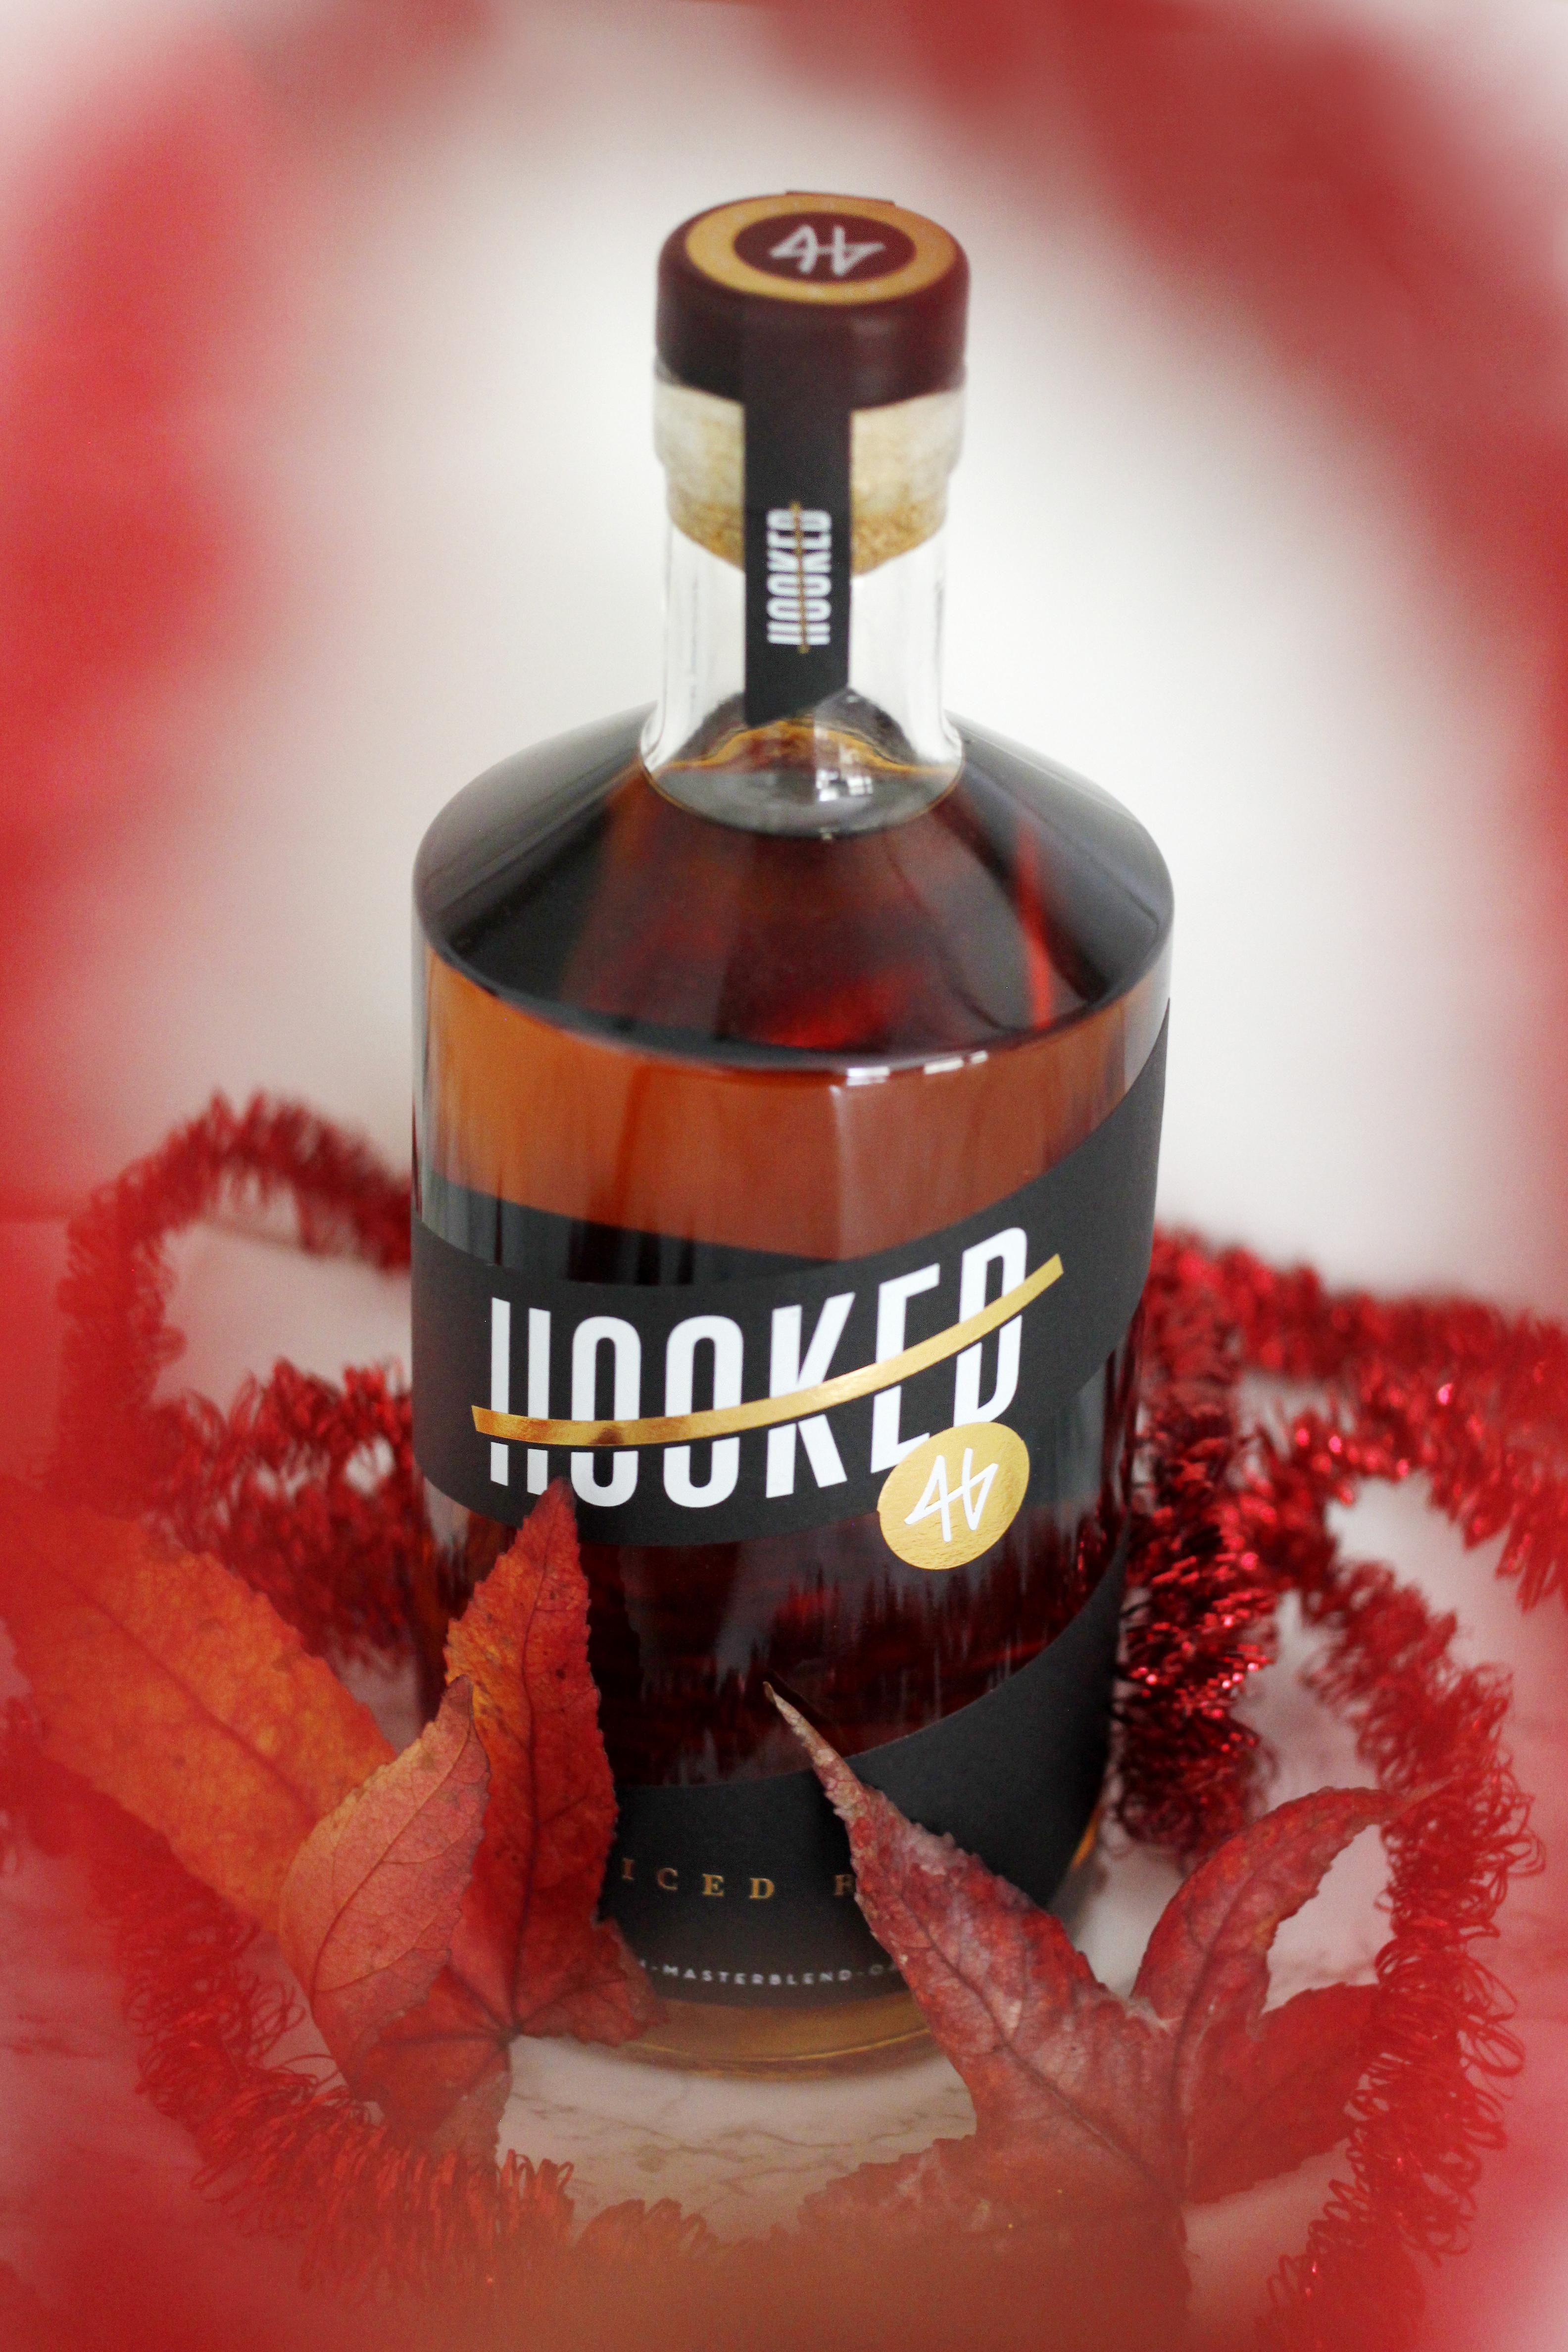 Hooked rum